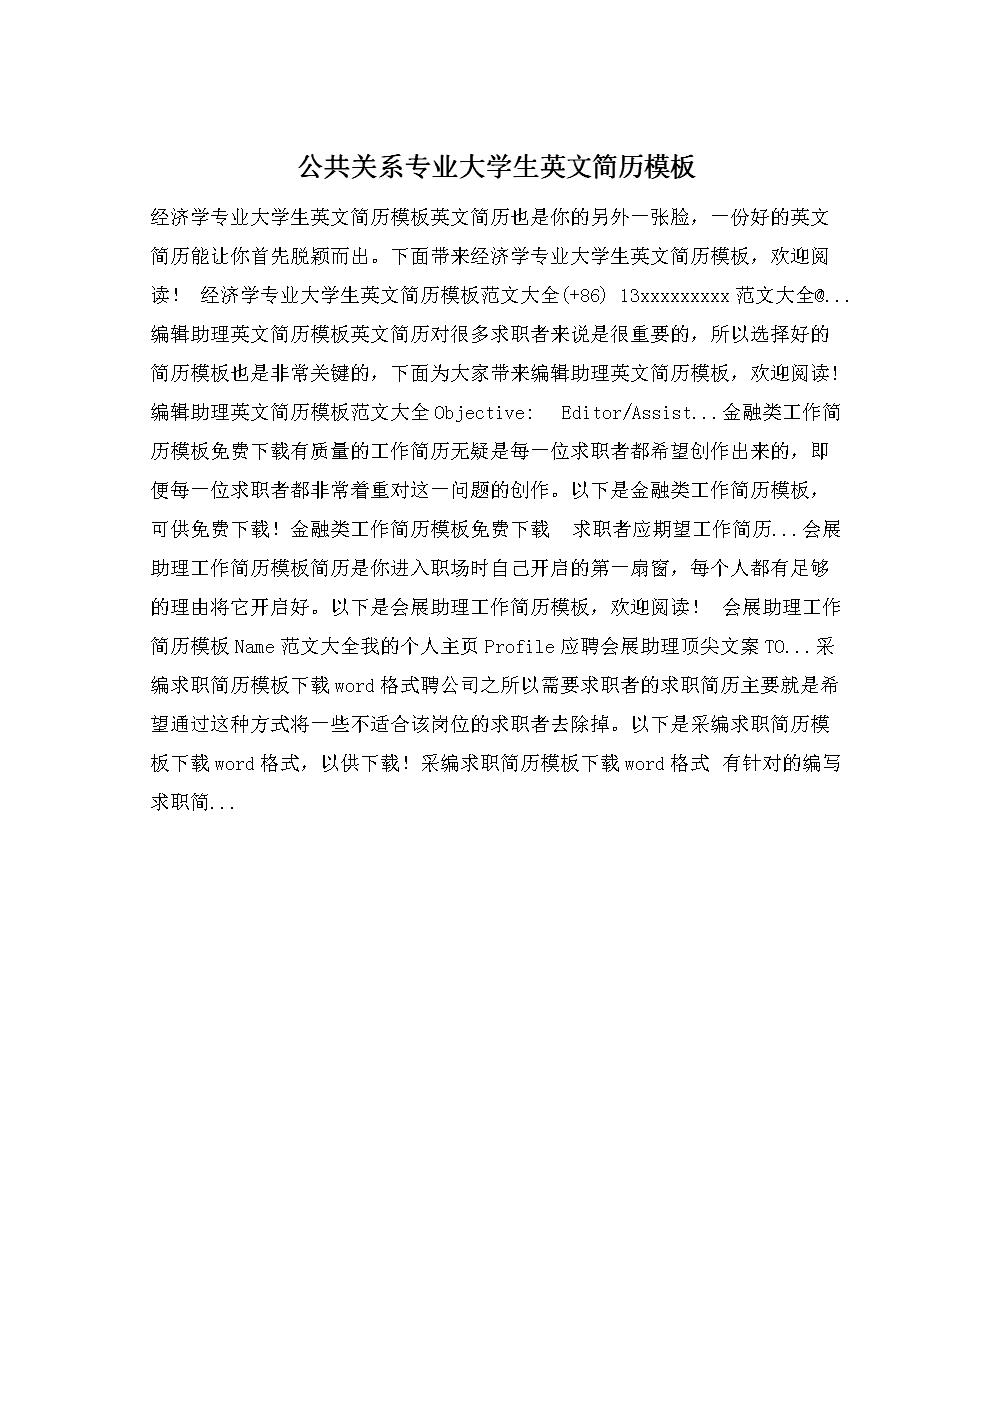 公共关系专业大学生英文简历模板—最新范文.doc